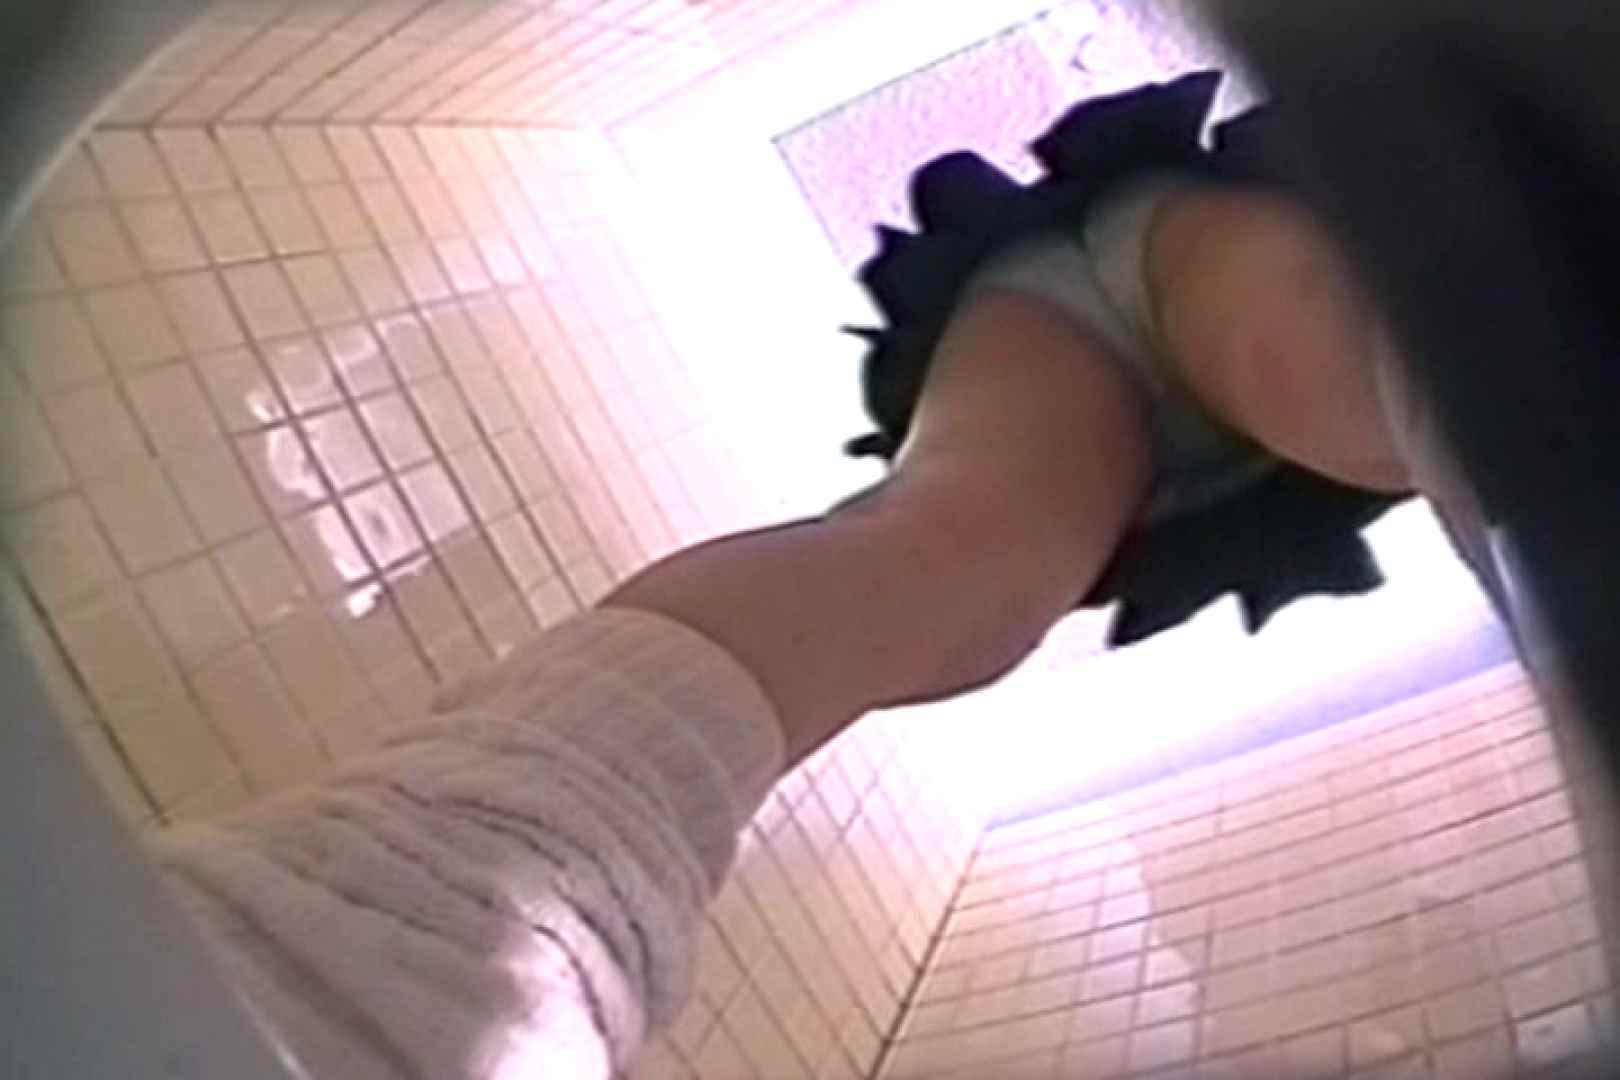 下半身シースルー洗面所Vol.1 現役ギャル のぞき動画画像 101pic 87